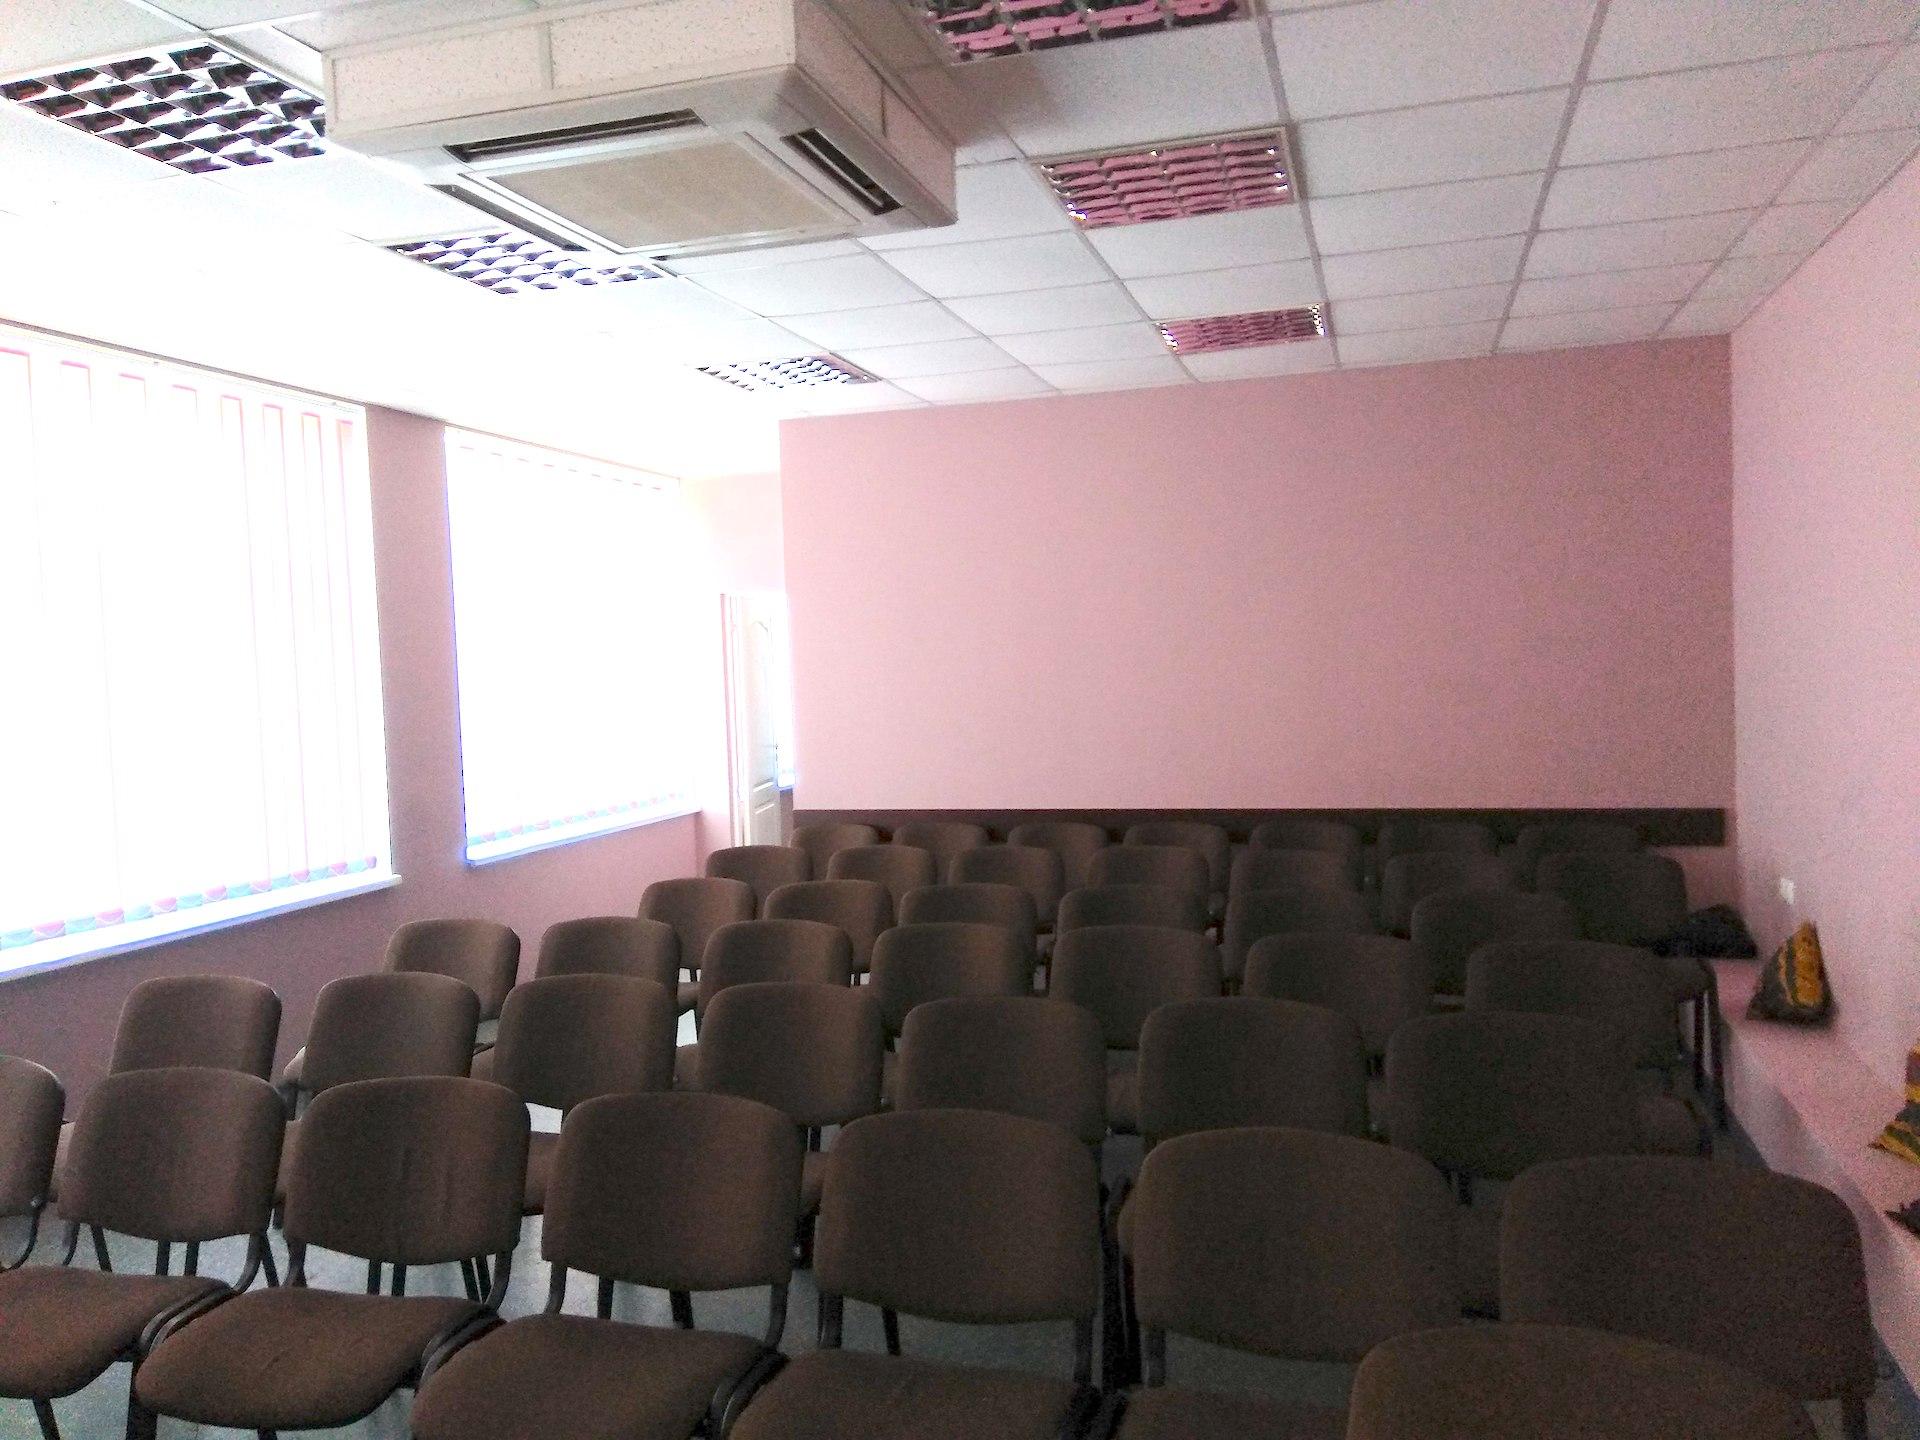 Žmonės net parašus ėmė rinkti ir kreipėsi į savivaldybės tarybos narius, aiškindami, kad naujos salės tikrai nereikia, tereikia suremontuoti senąjį pastatą. D. Kuprijanovo nuotr.